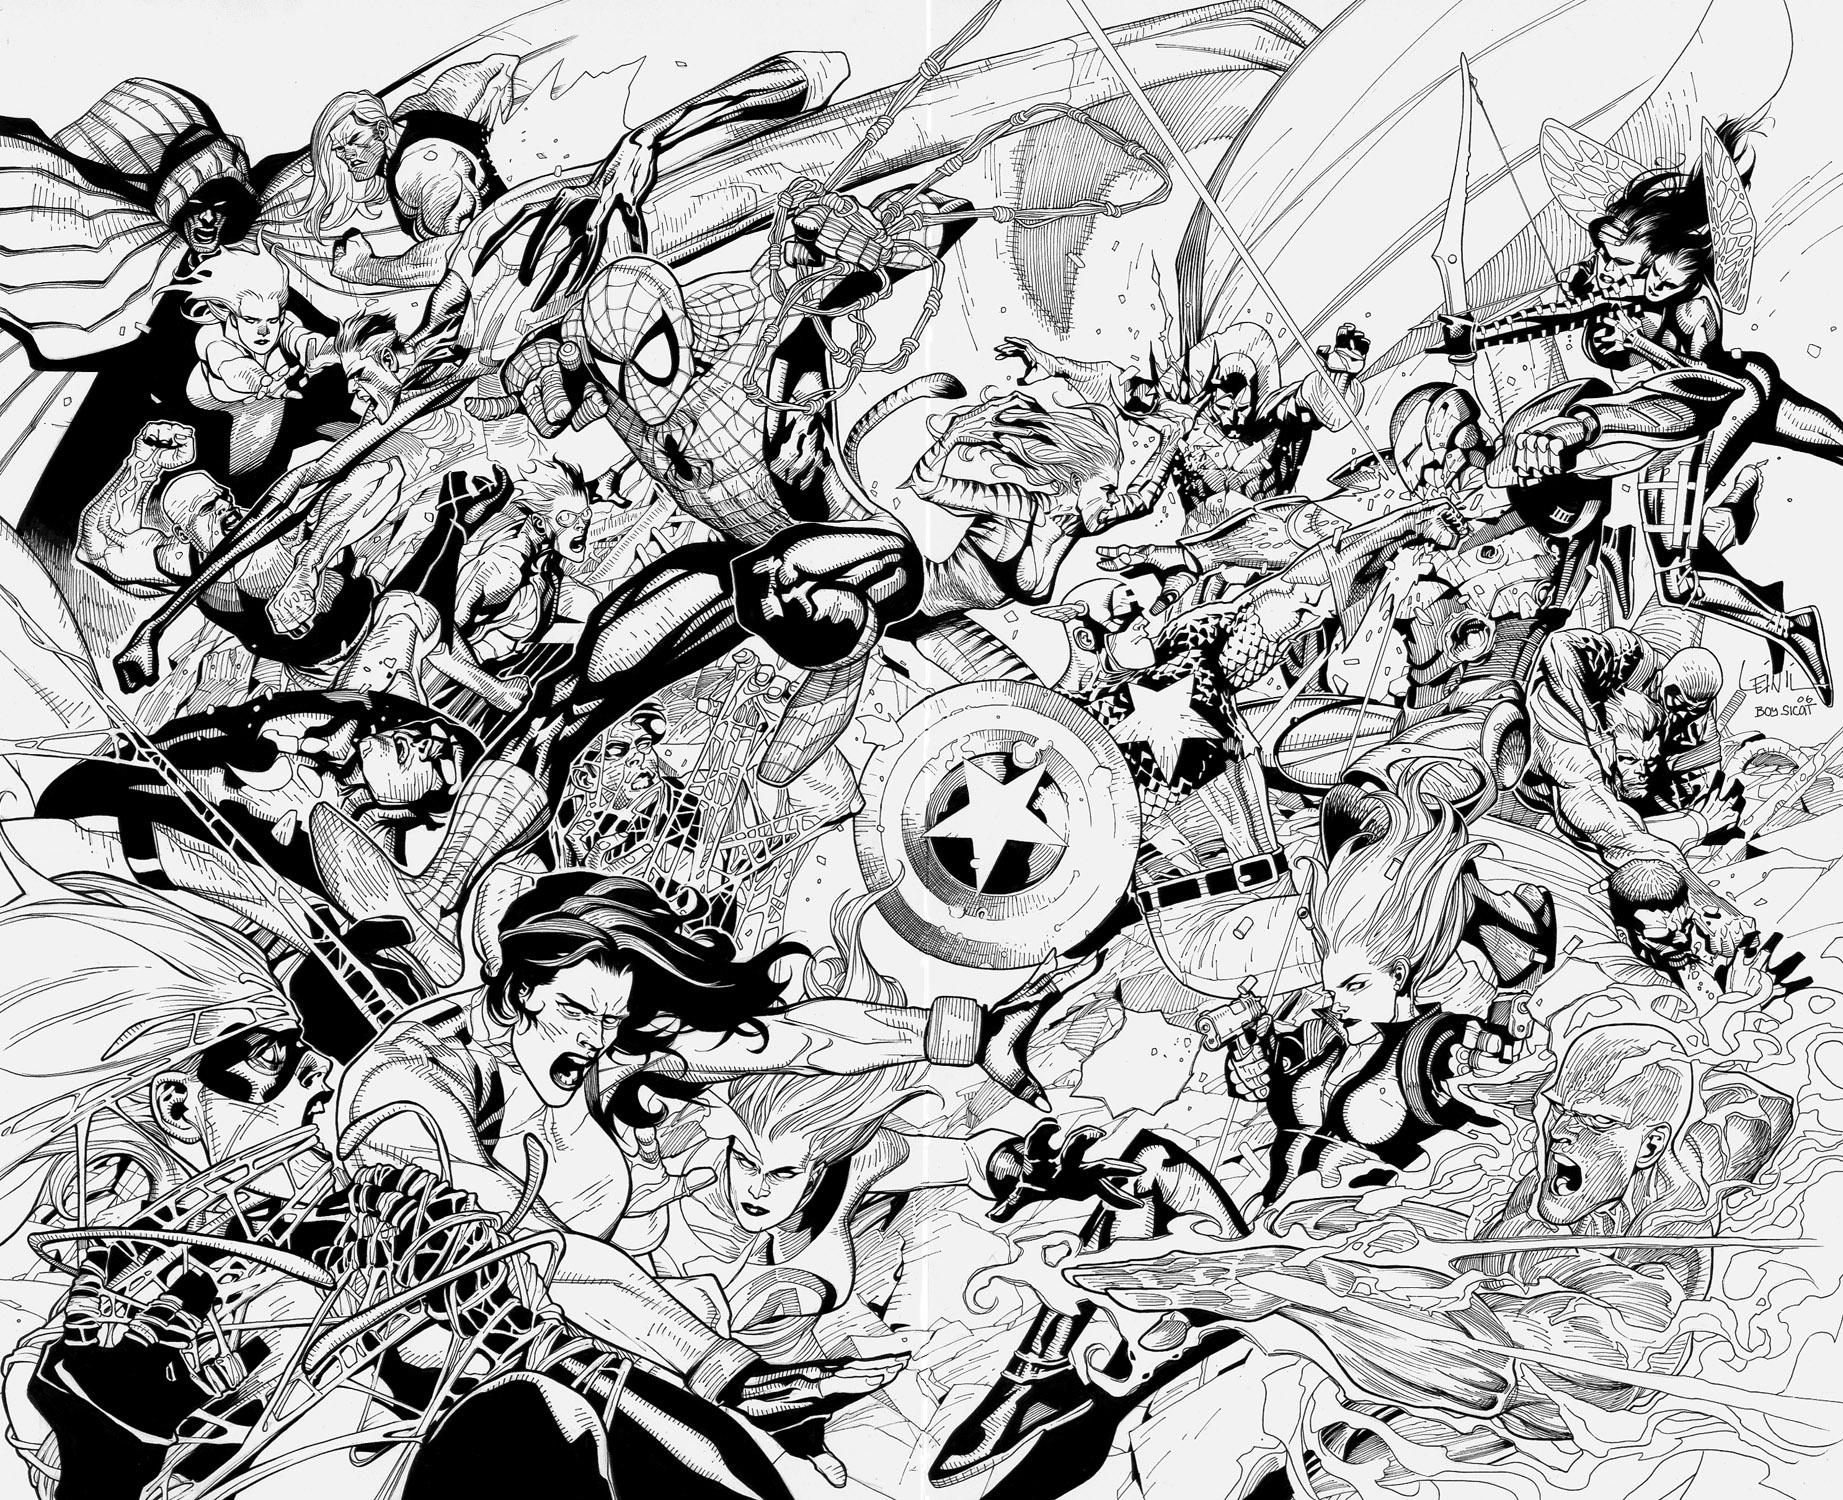 Hulk Para Colorear Facil: 160 Dibujos De Los Vengadores Para Colorear